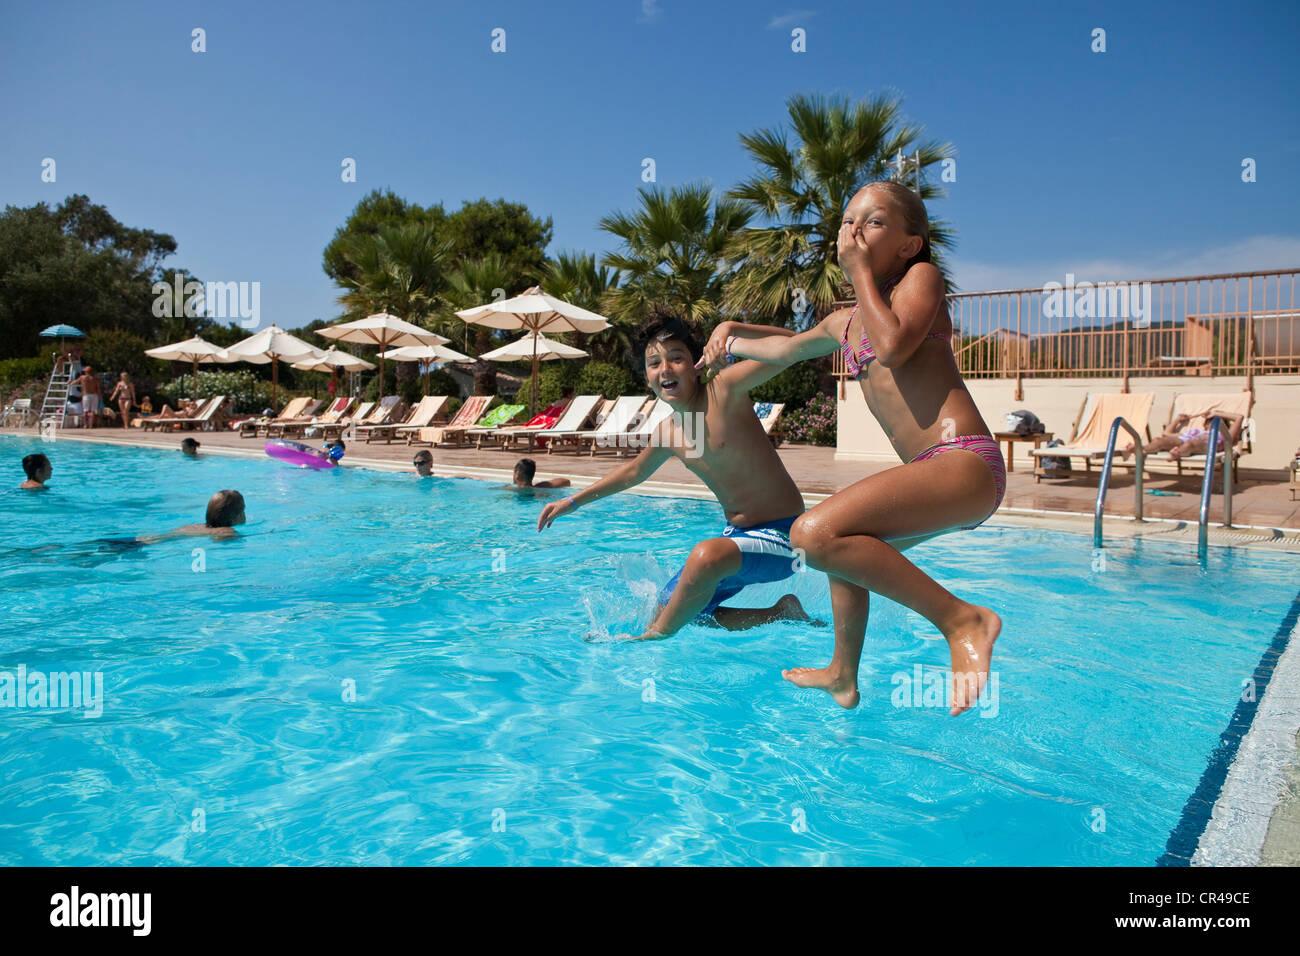 In Francia, in Corse-du-Sud, i bambini il salto in piscina Immagini Stock